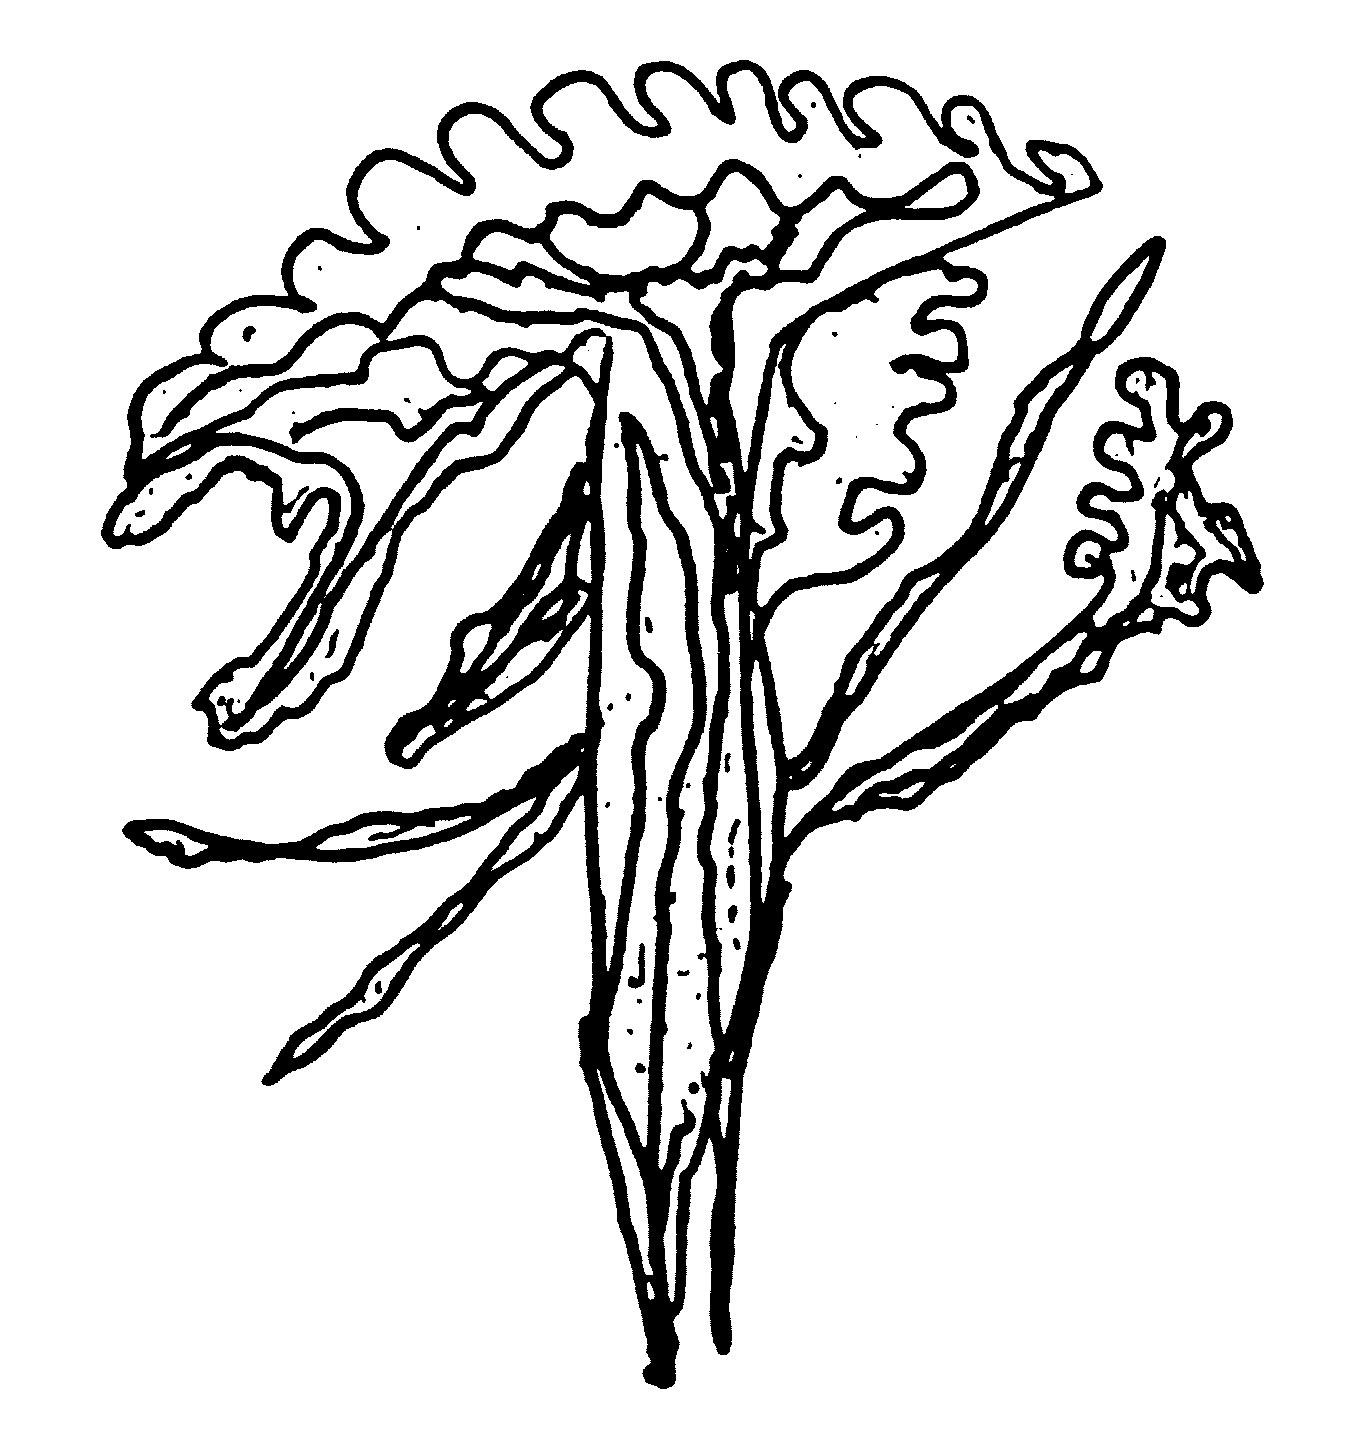 149-ckg-flower